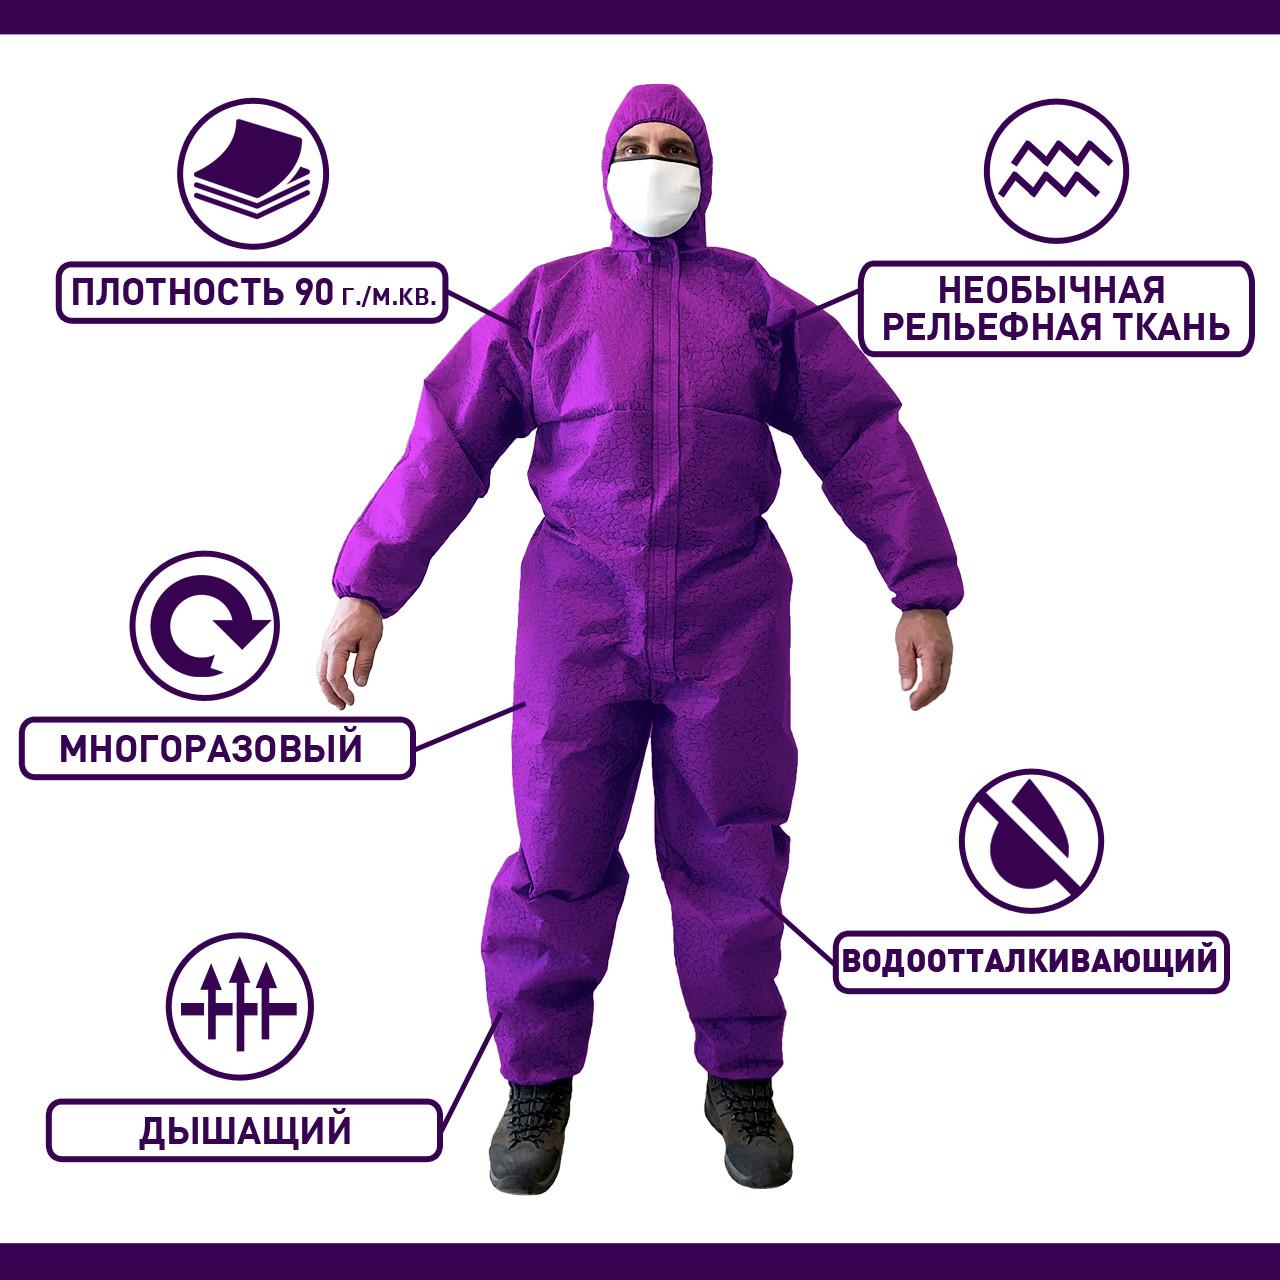 Костюм (комбинезон) защитный Рельеф Фиолетовый